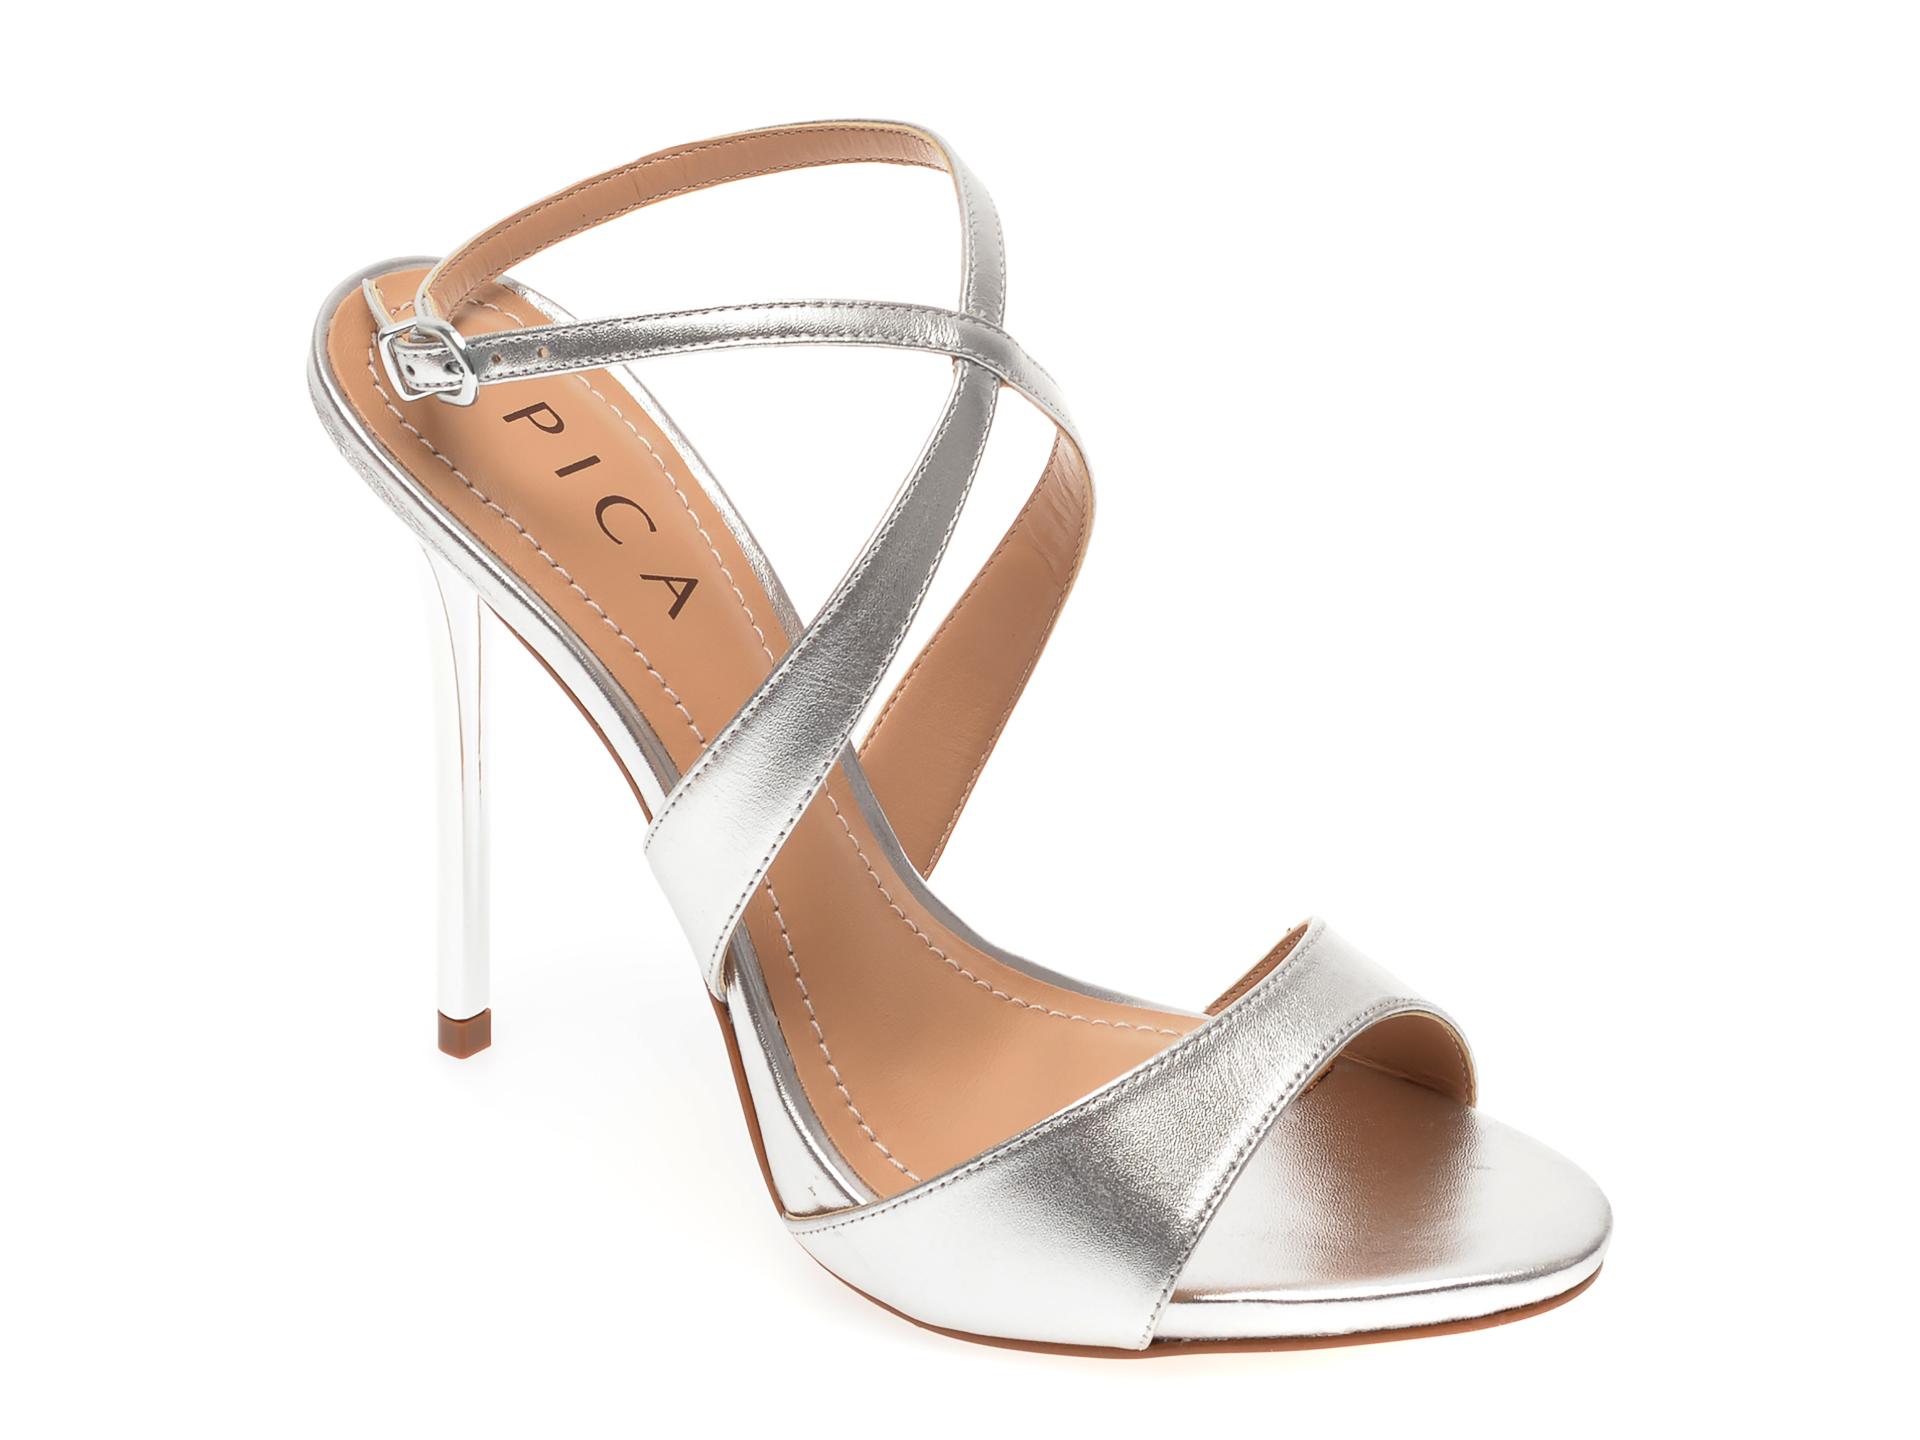 Sandale EPICA argintii, 119277, din piele naturala